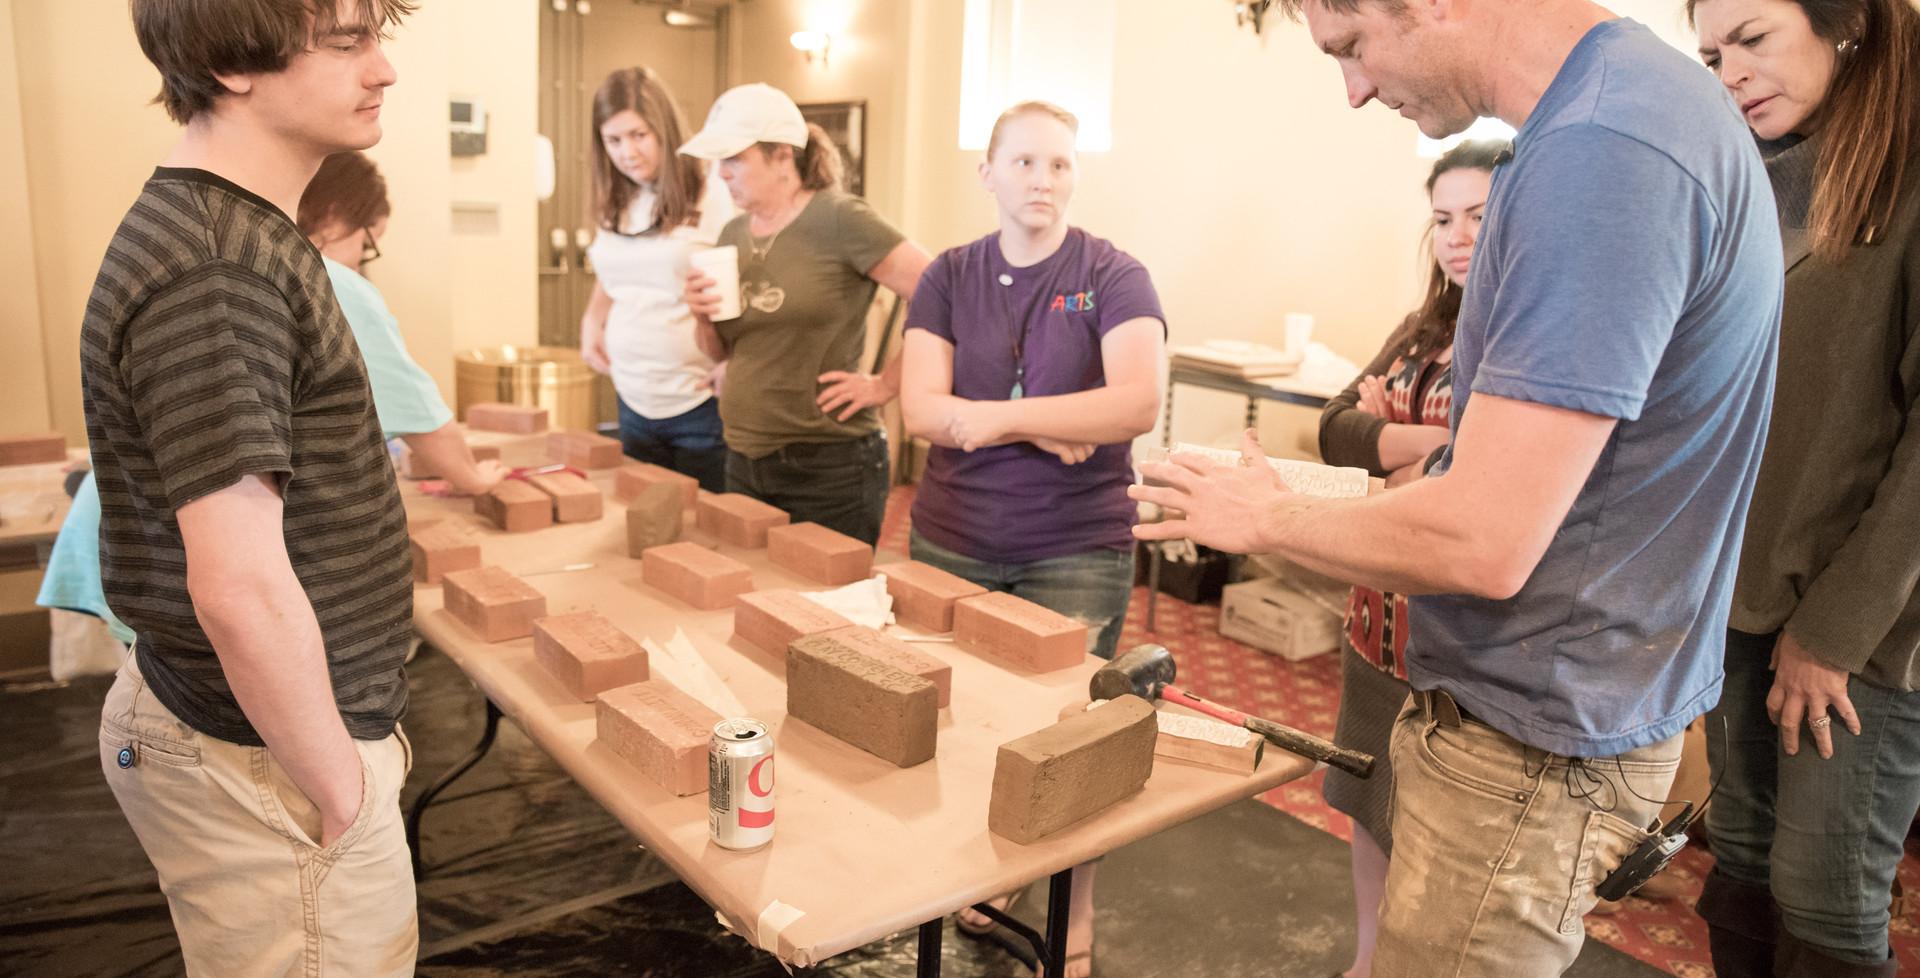 Brick Making at SCCC